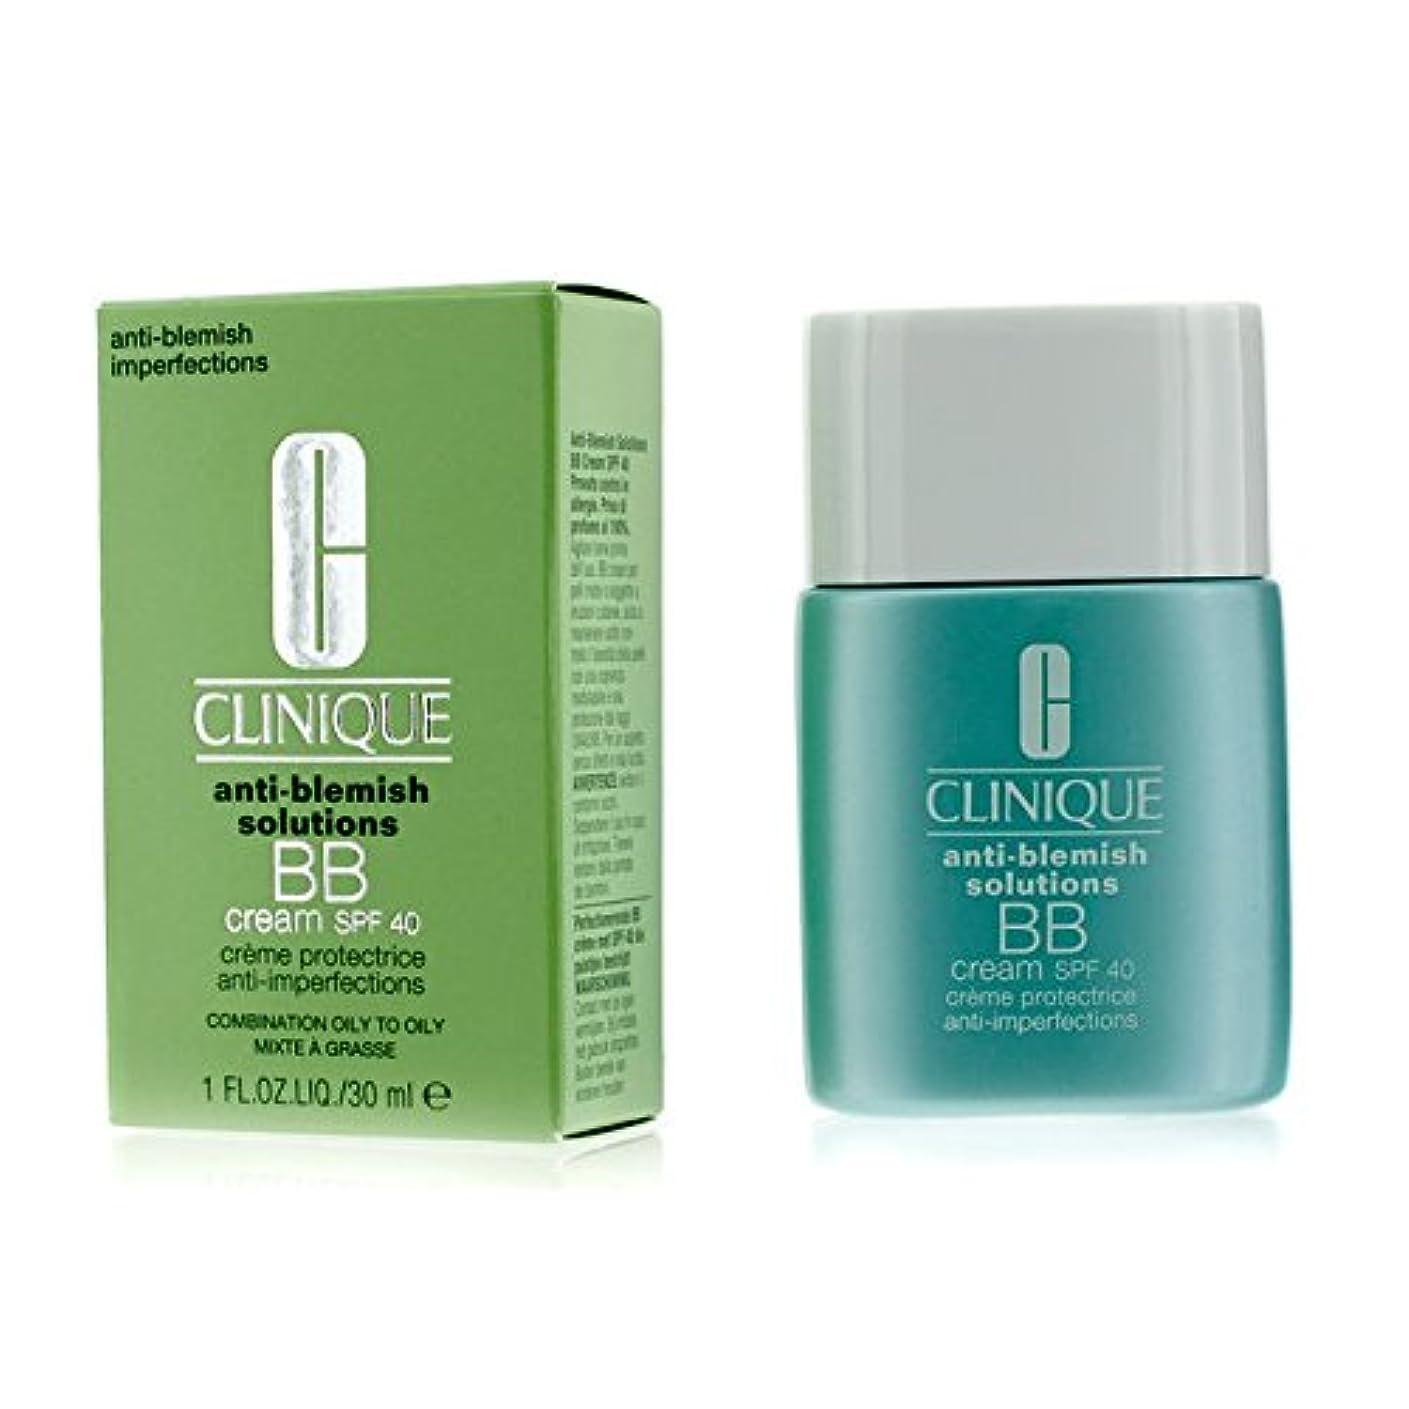 ポスター偽造おもてなしクリニーク Anti-Blemish Solutions BB Cream SPF 40 - Light Medium (Combination Oily to Oily) 30ml/1oz並行輸入品